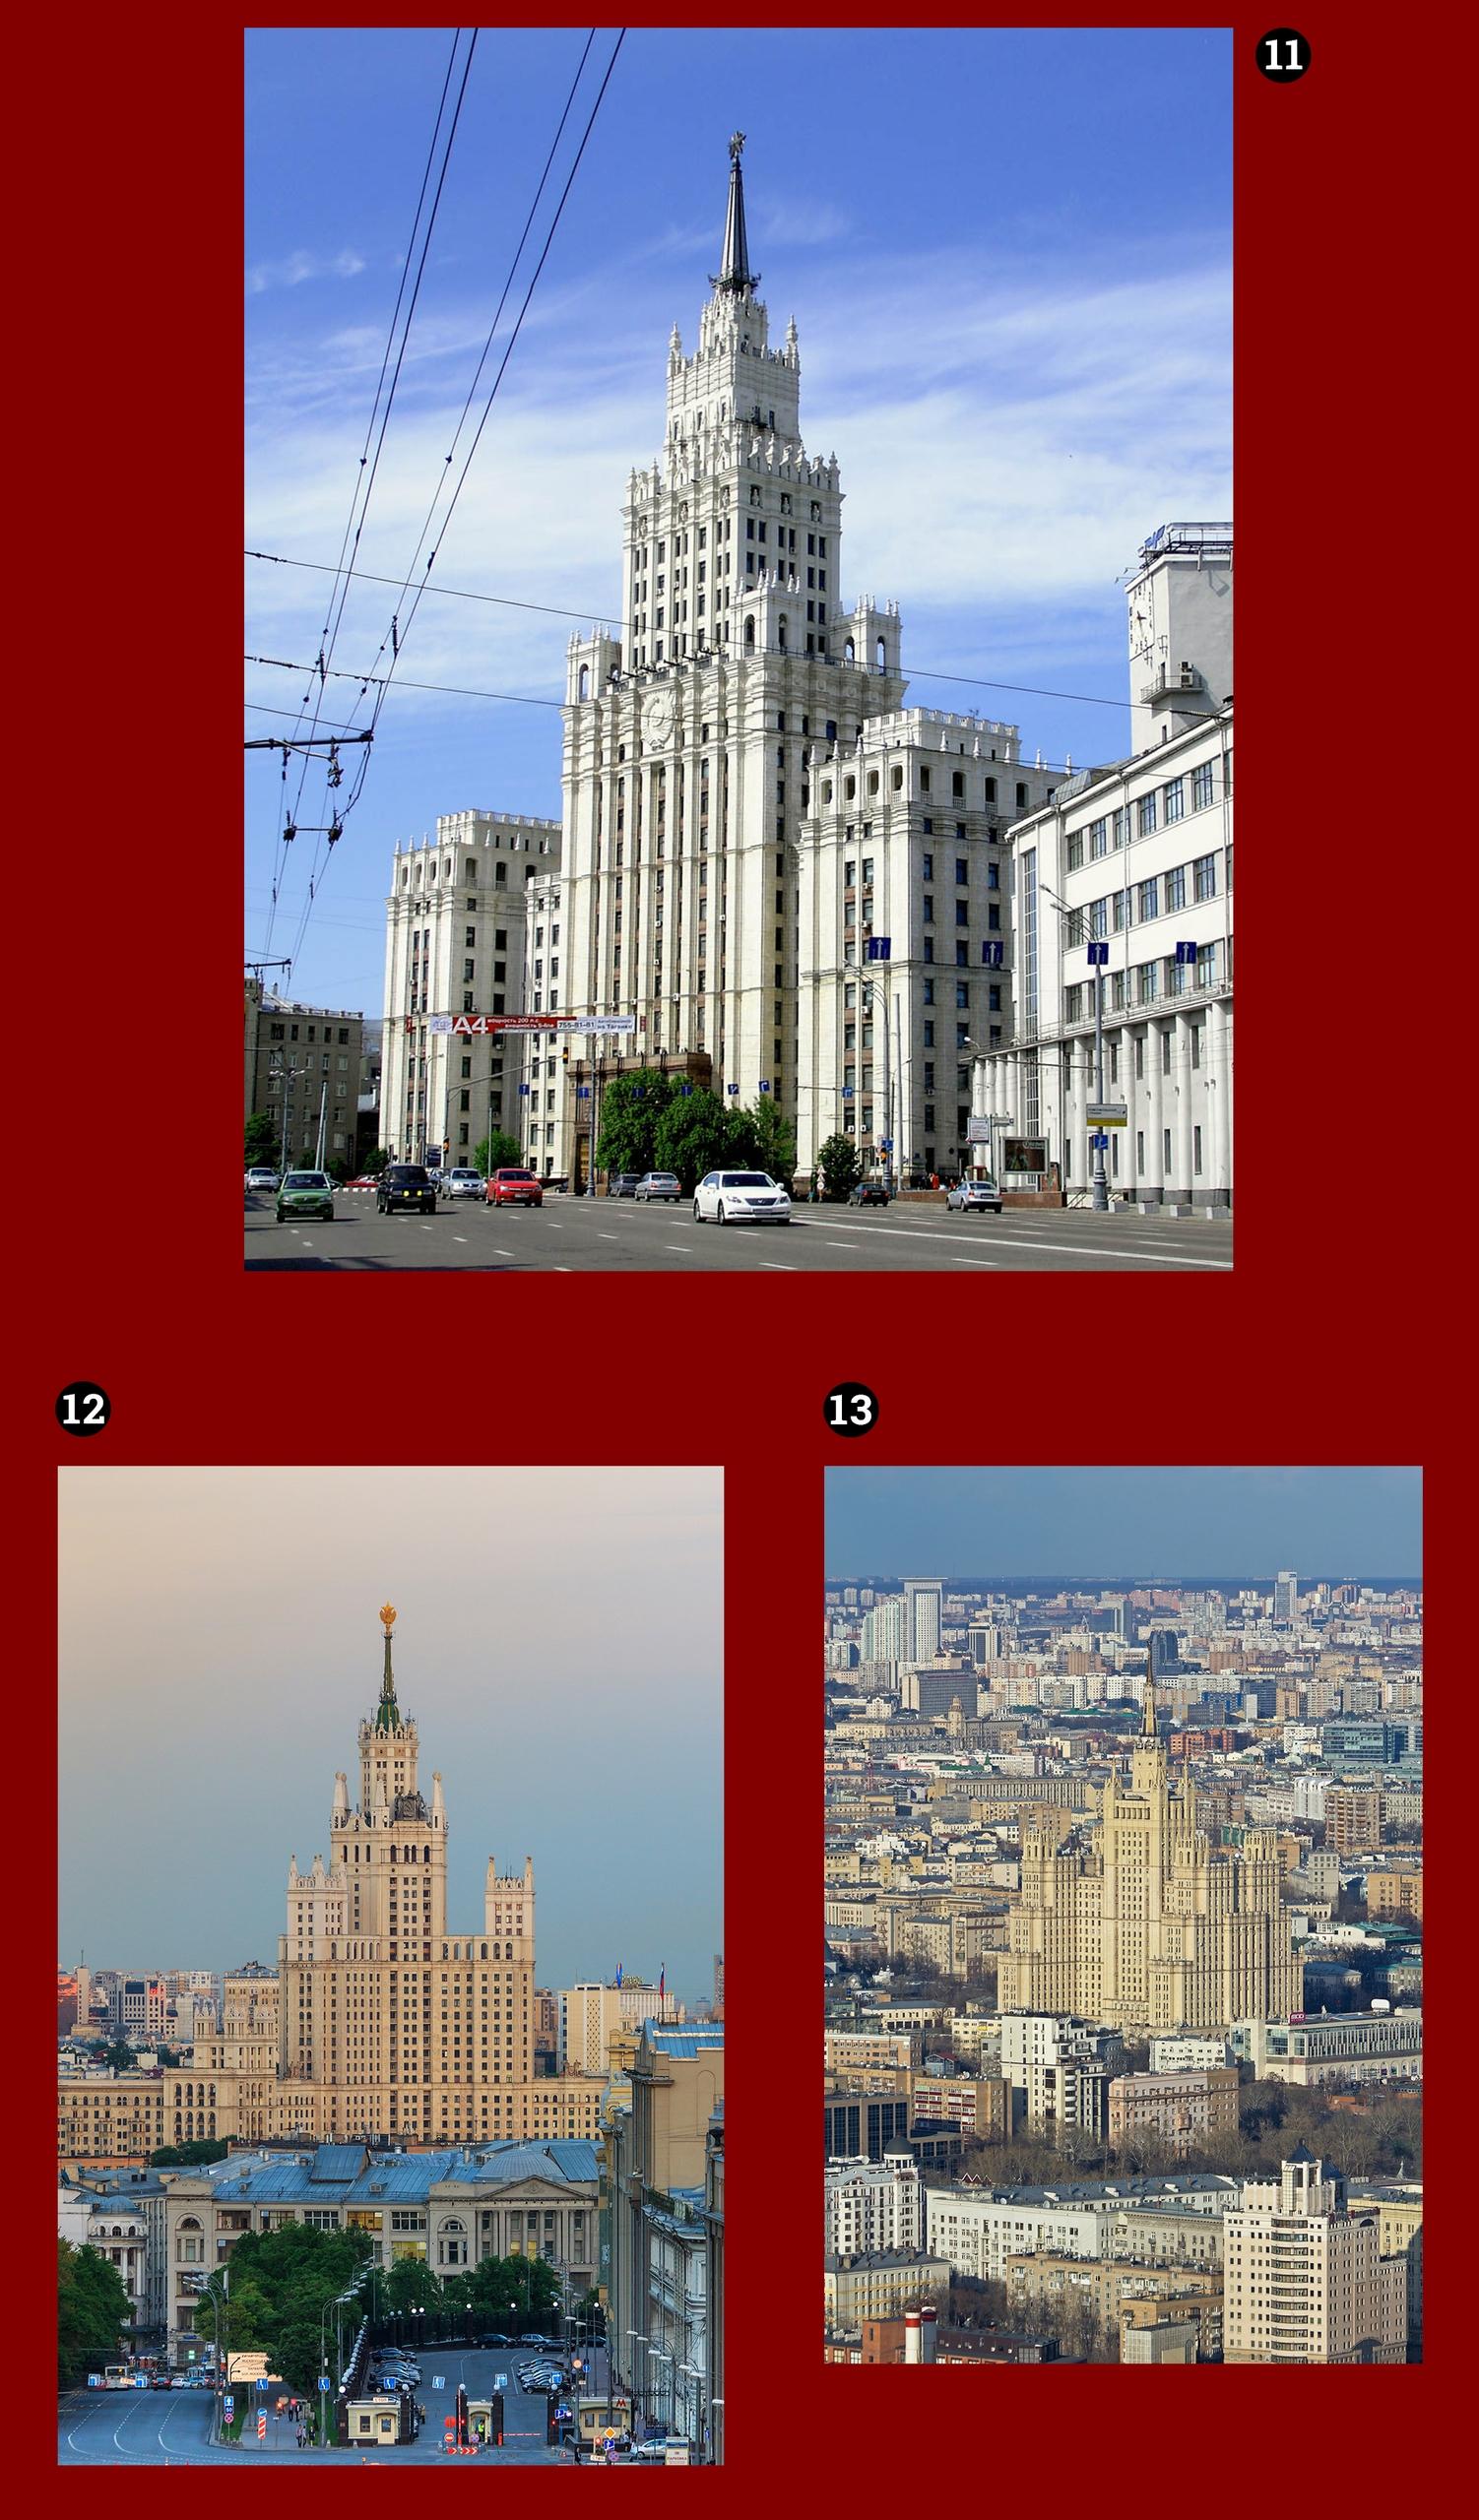 Obraz przedstawia trzy fotografie budynków umieszczone na bordowym tle.